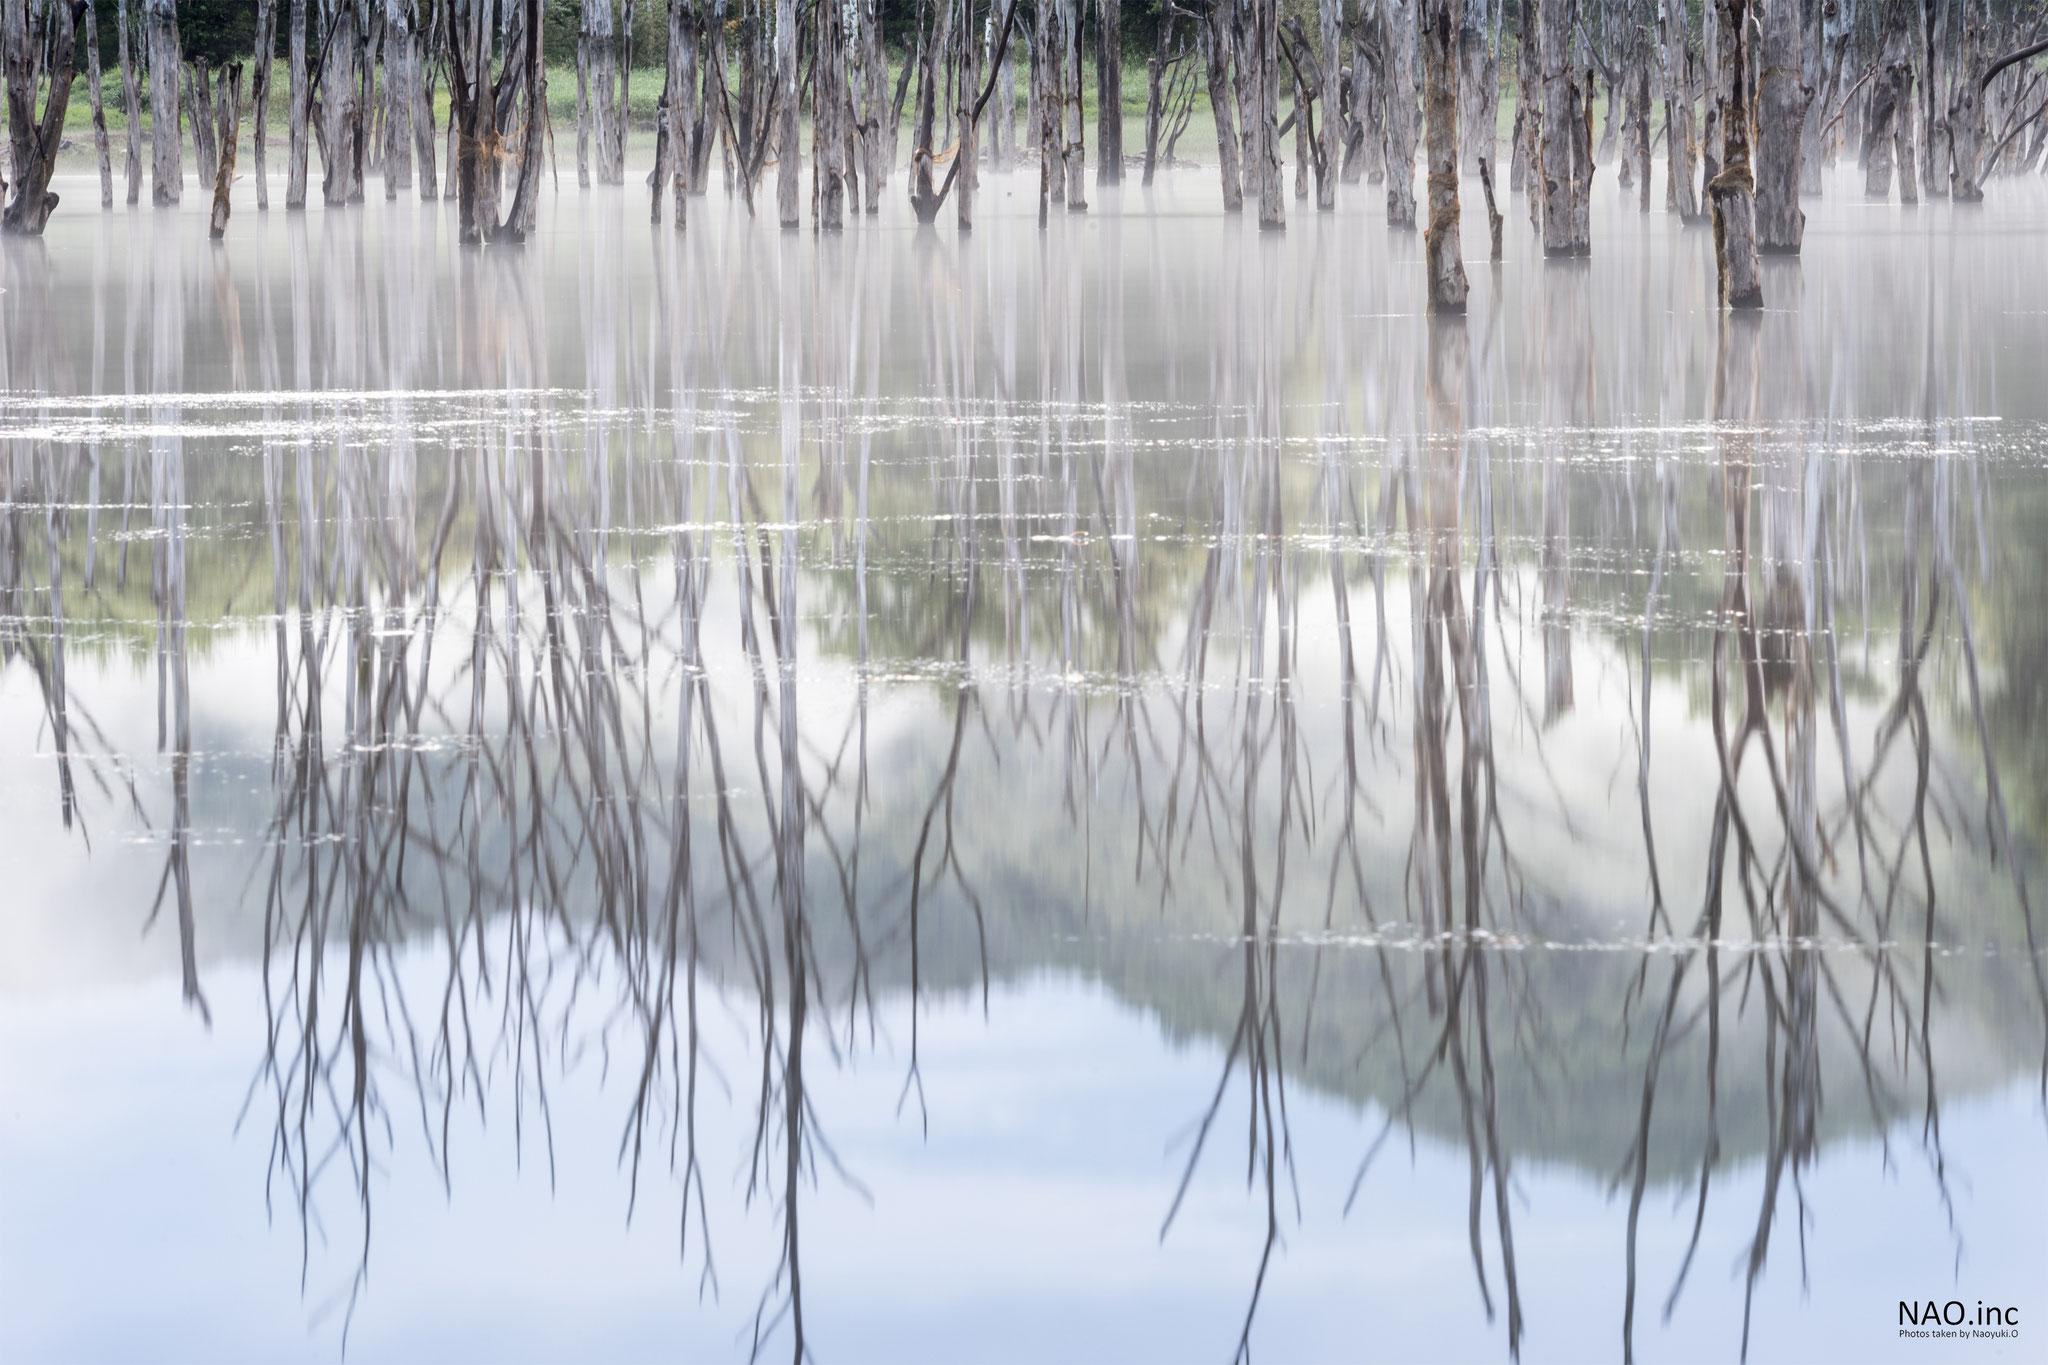 赤井川村落合ダム。磨かれた銀のような湖面が映す霧の朝。